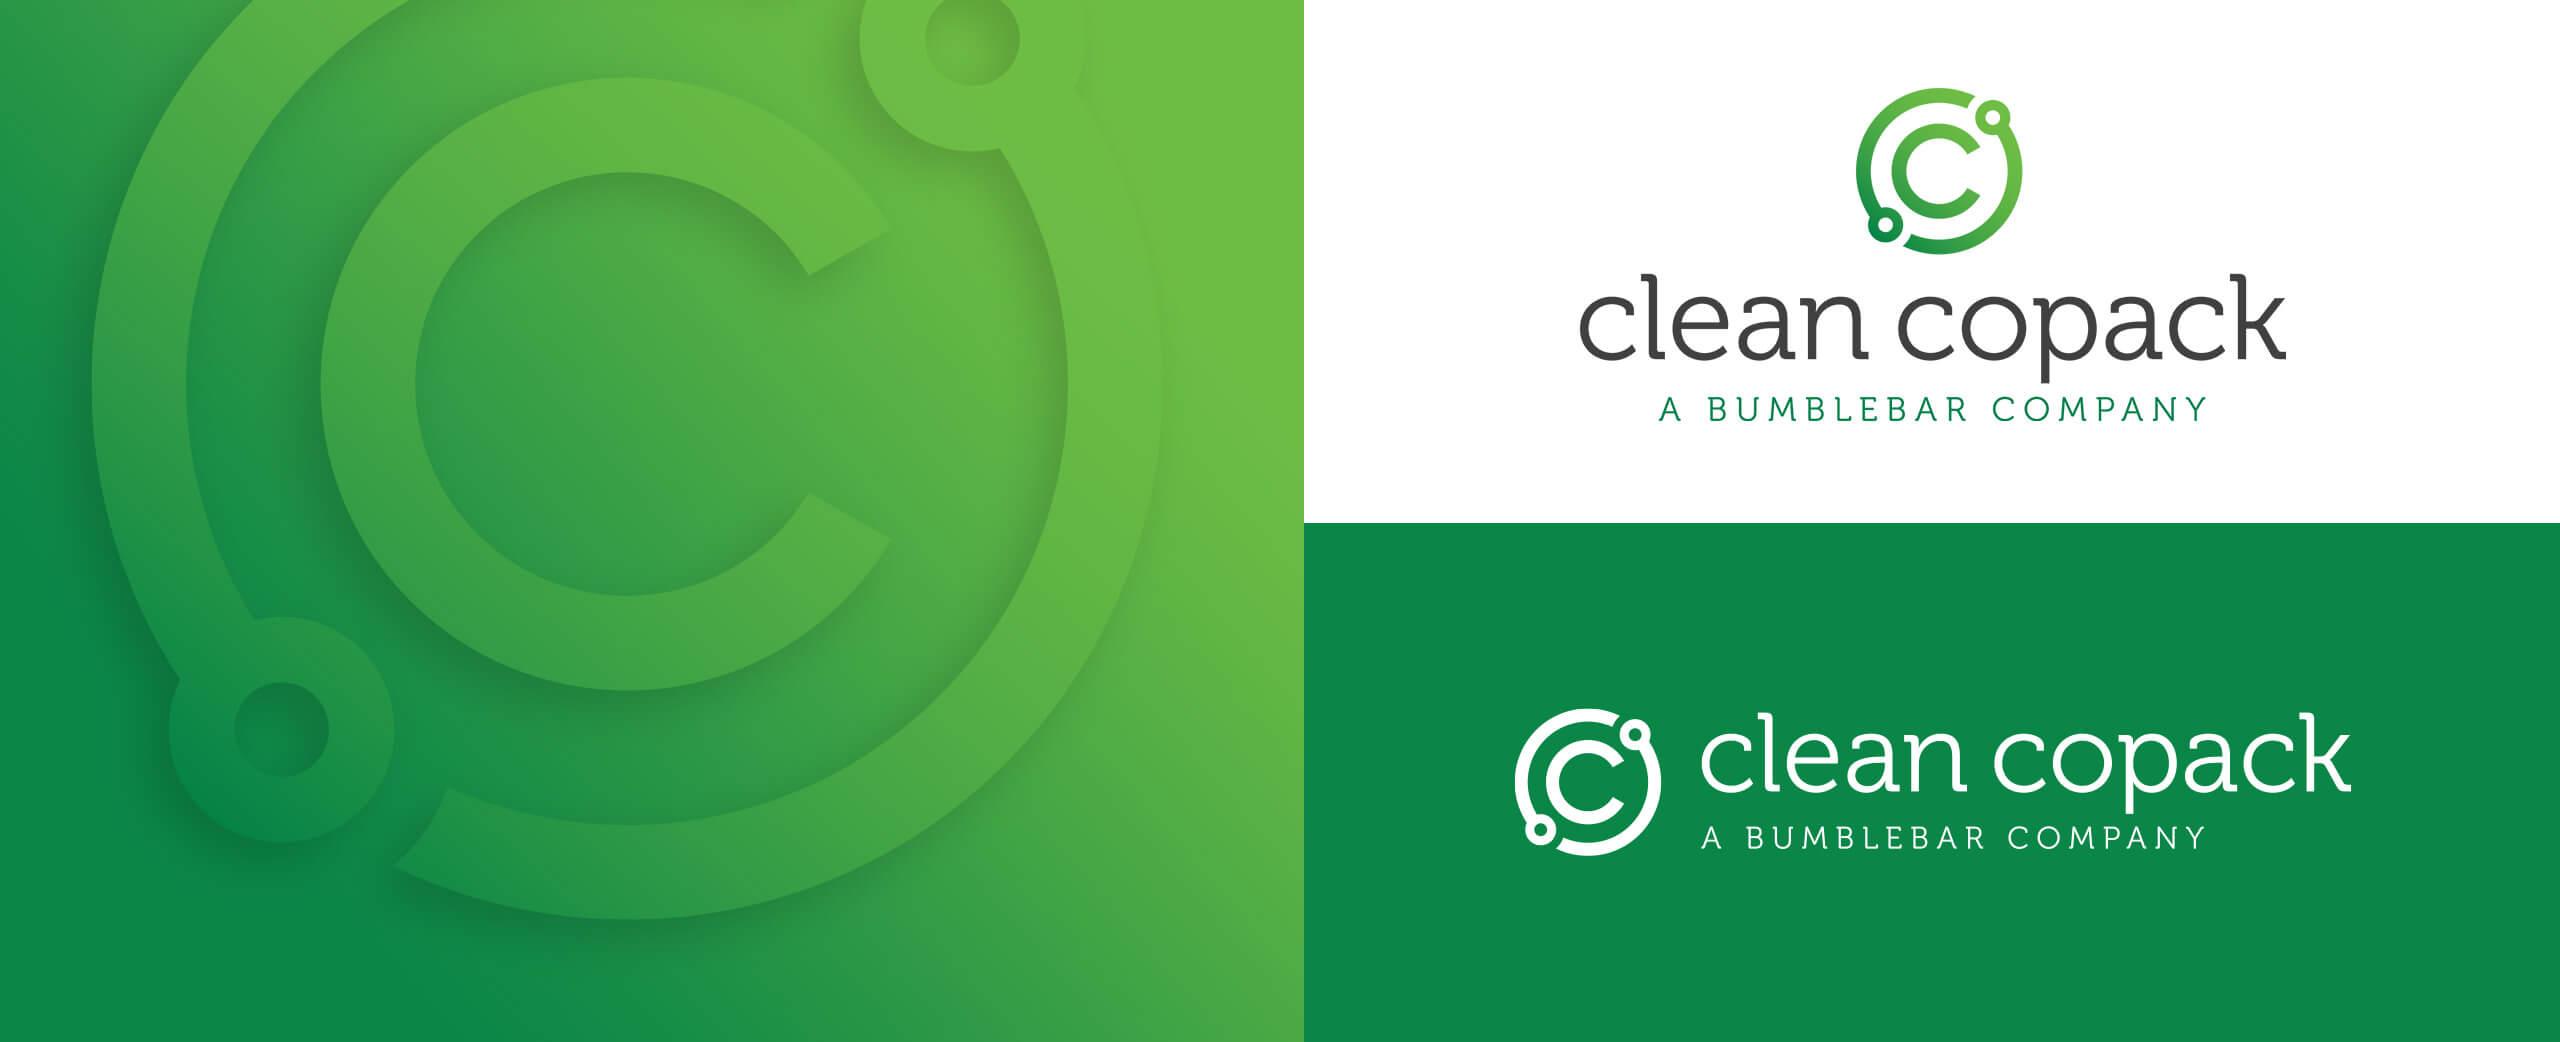 dmg-logos-clean-copack